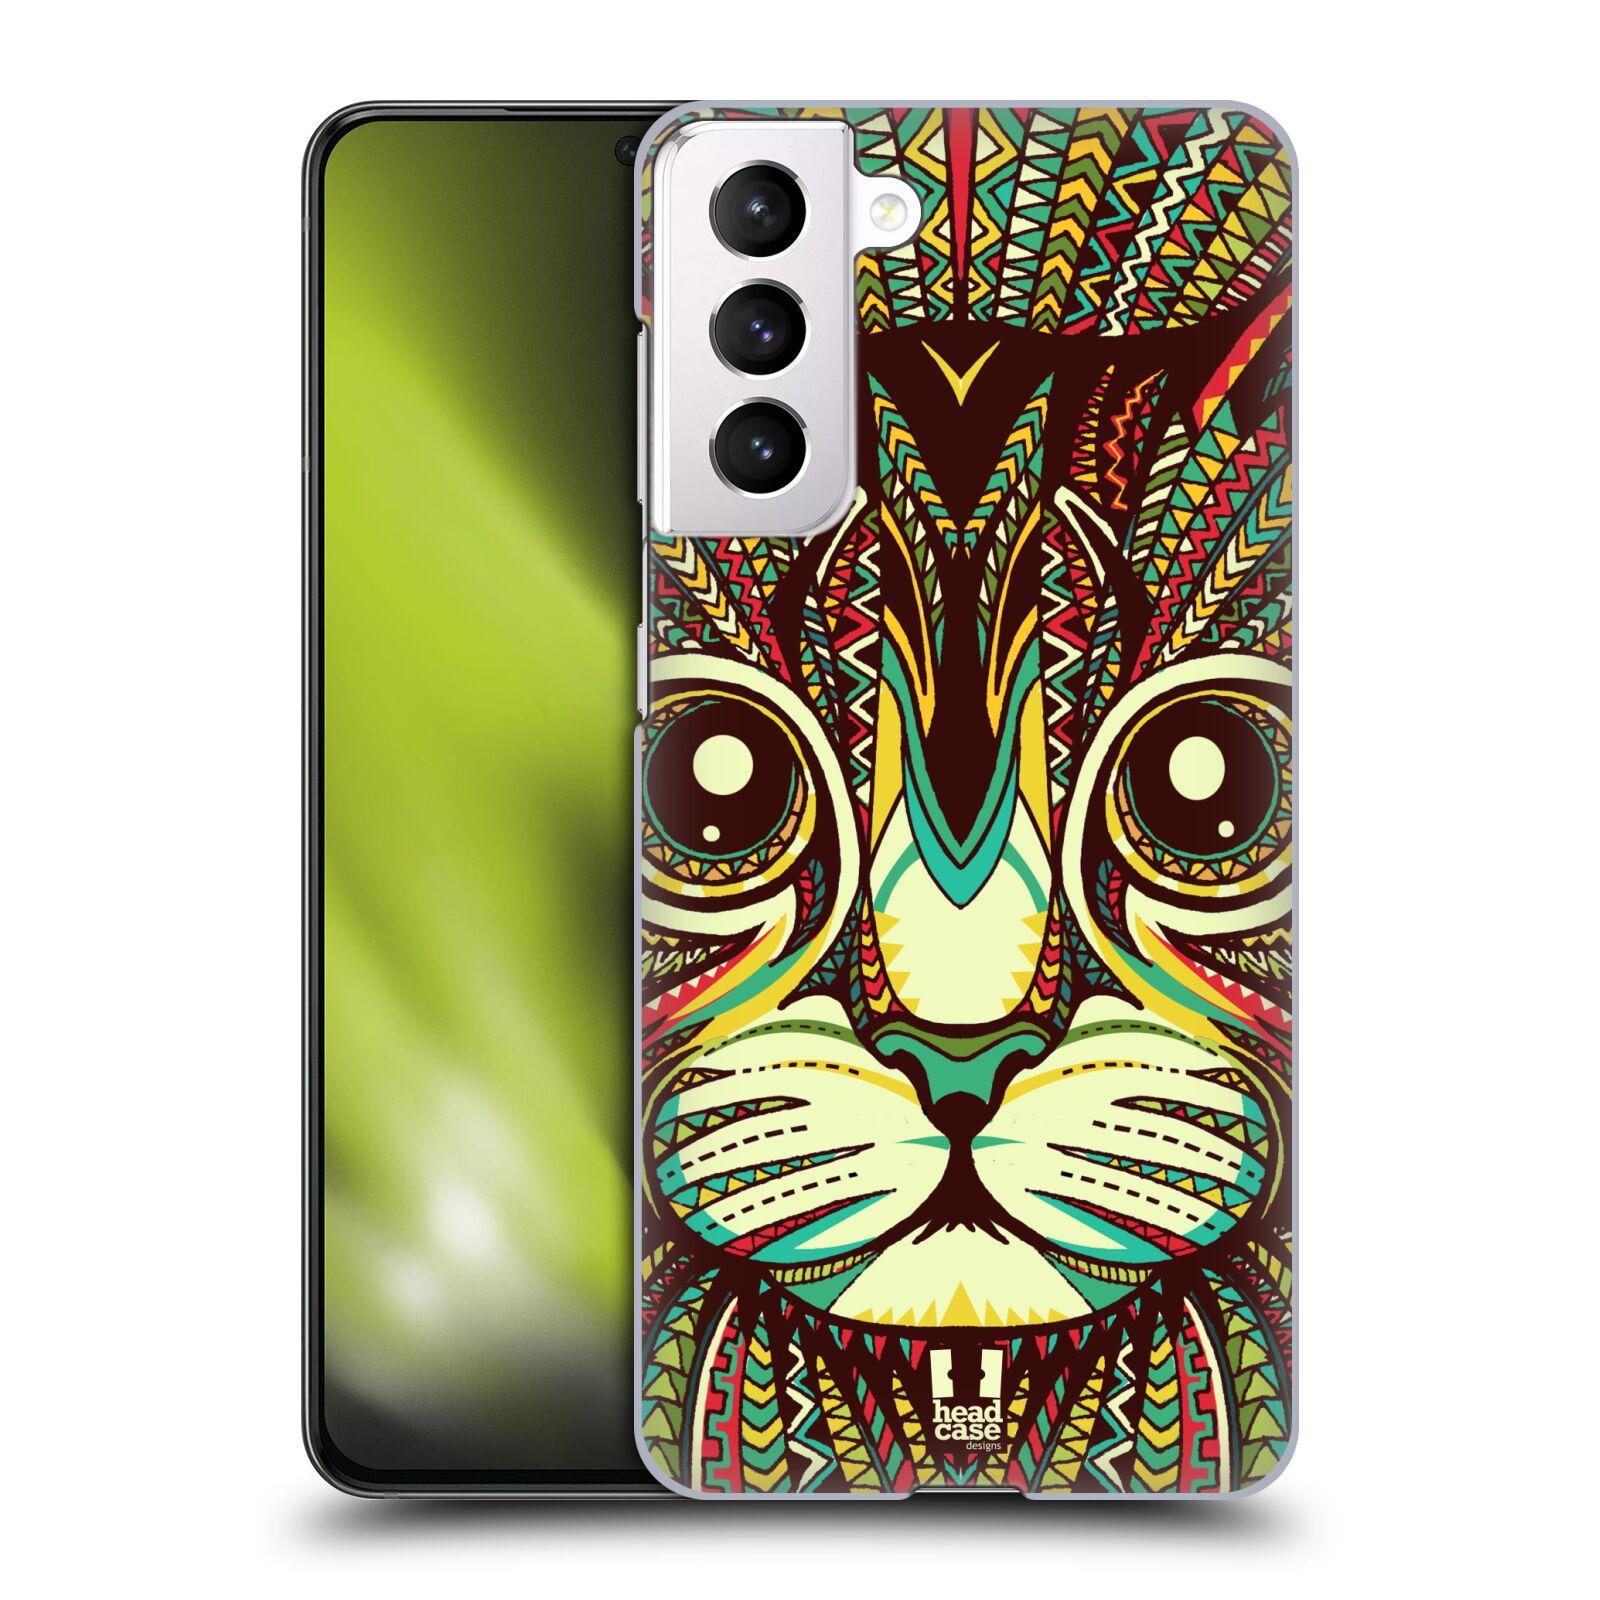 Plastové pouzdro na mobil Samsung Galaxy S21 5G - Head Case - AZTEC KOČKA